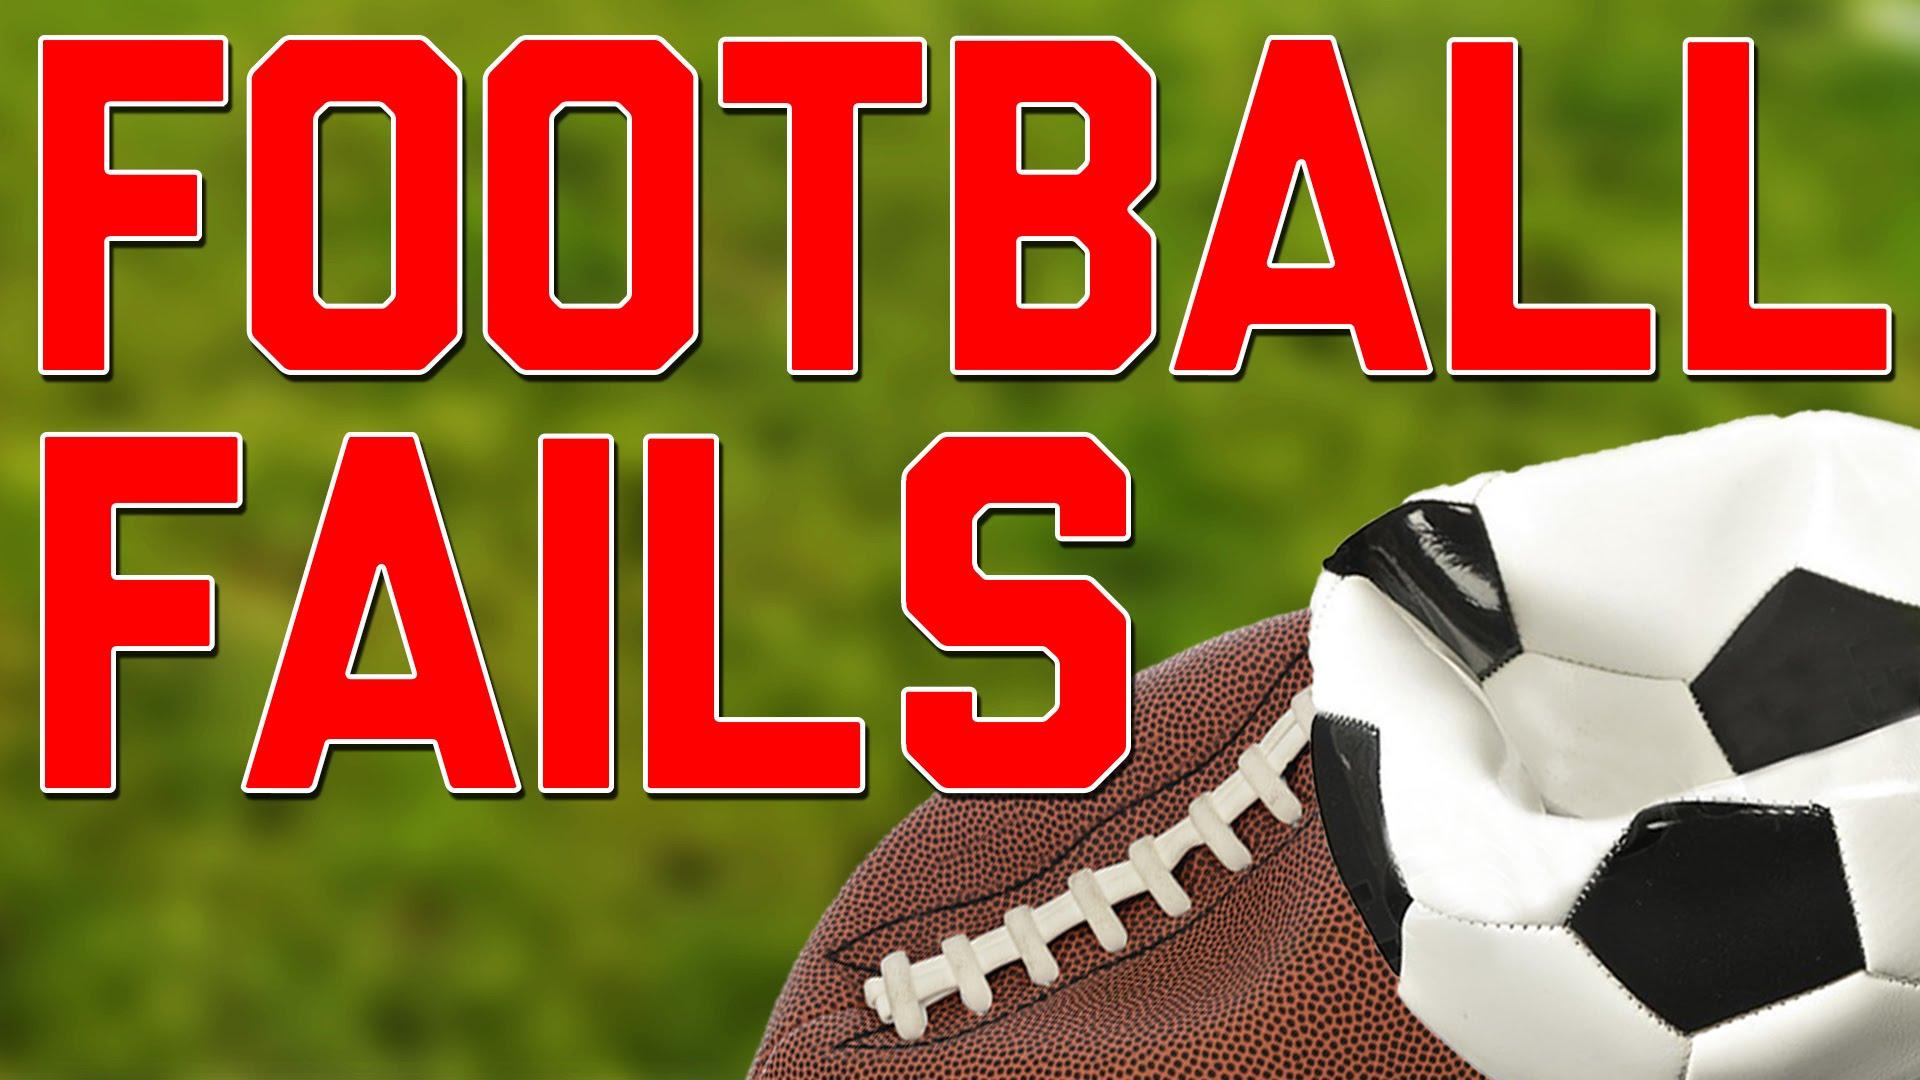 Fussball Fails Compilation Video Auf Bildschirmarbeiter Com